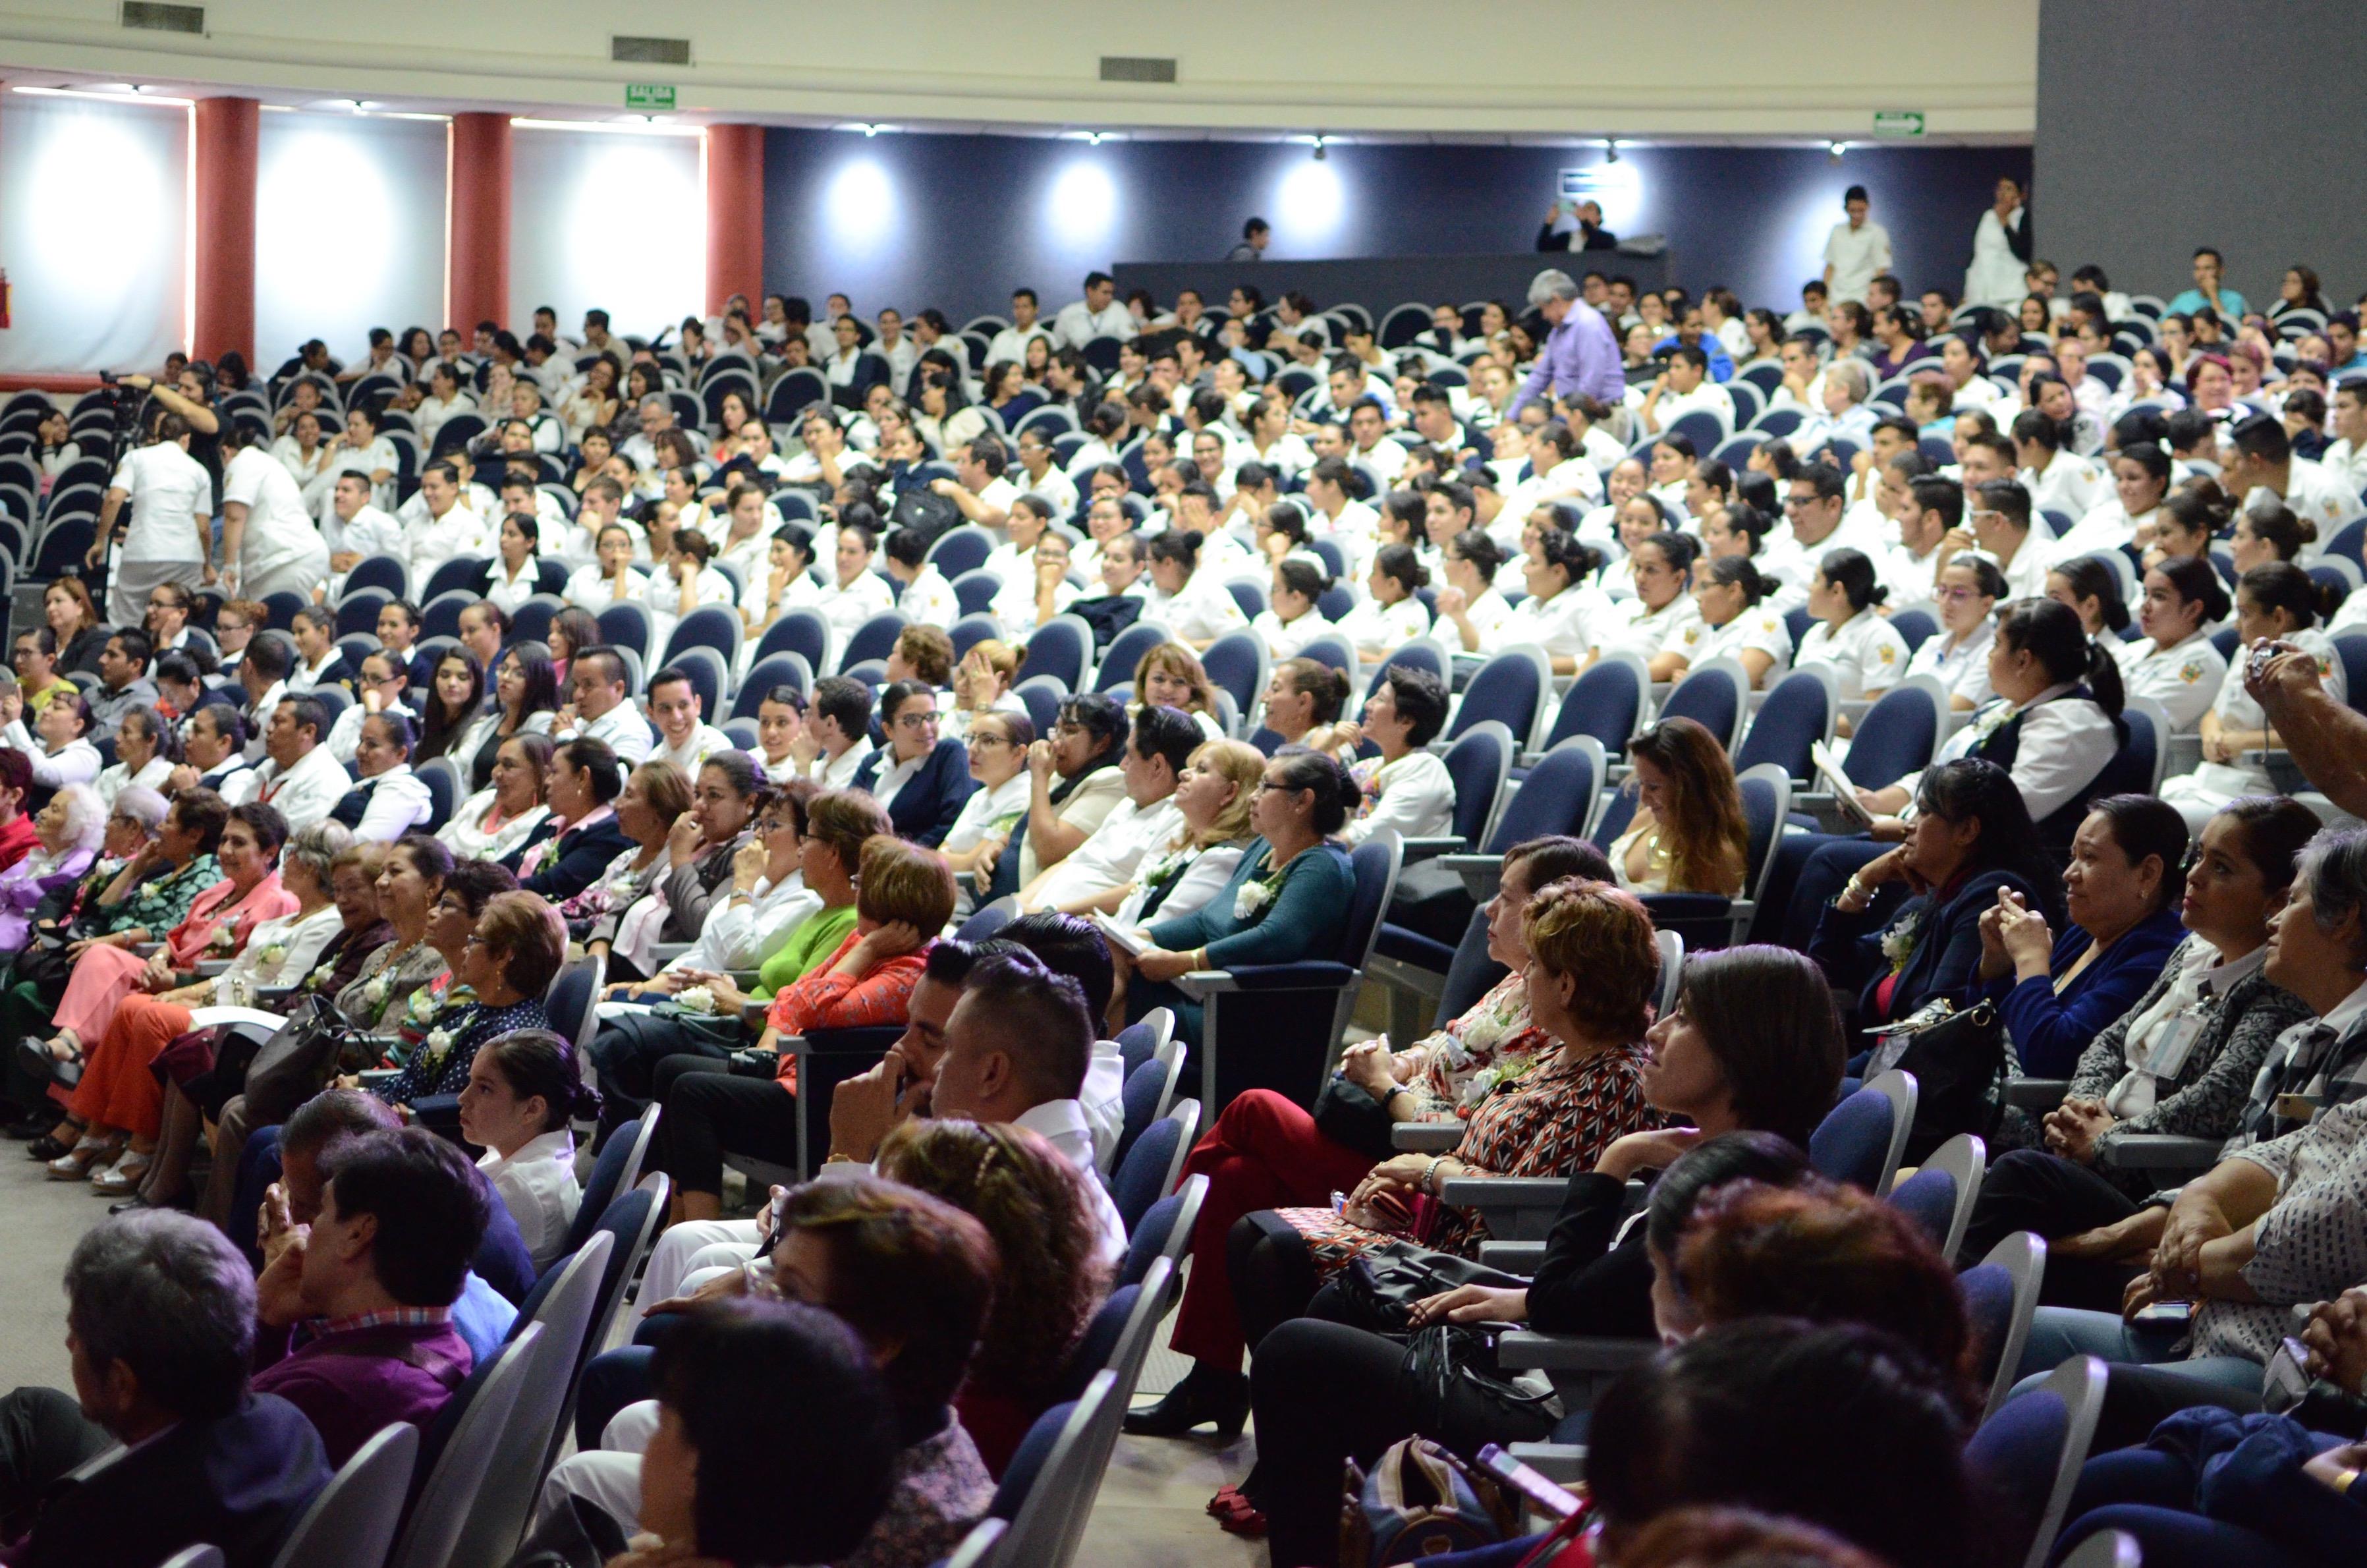 Vista panorámica del auditorio Roberto Mendiola Orta totalmente lleno